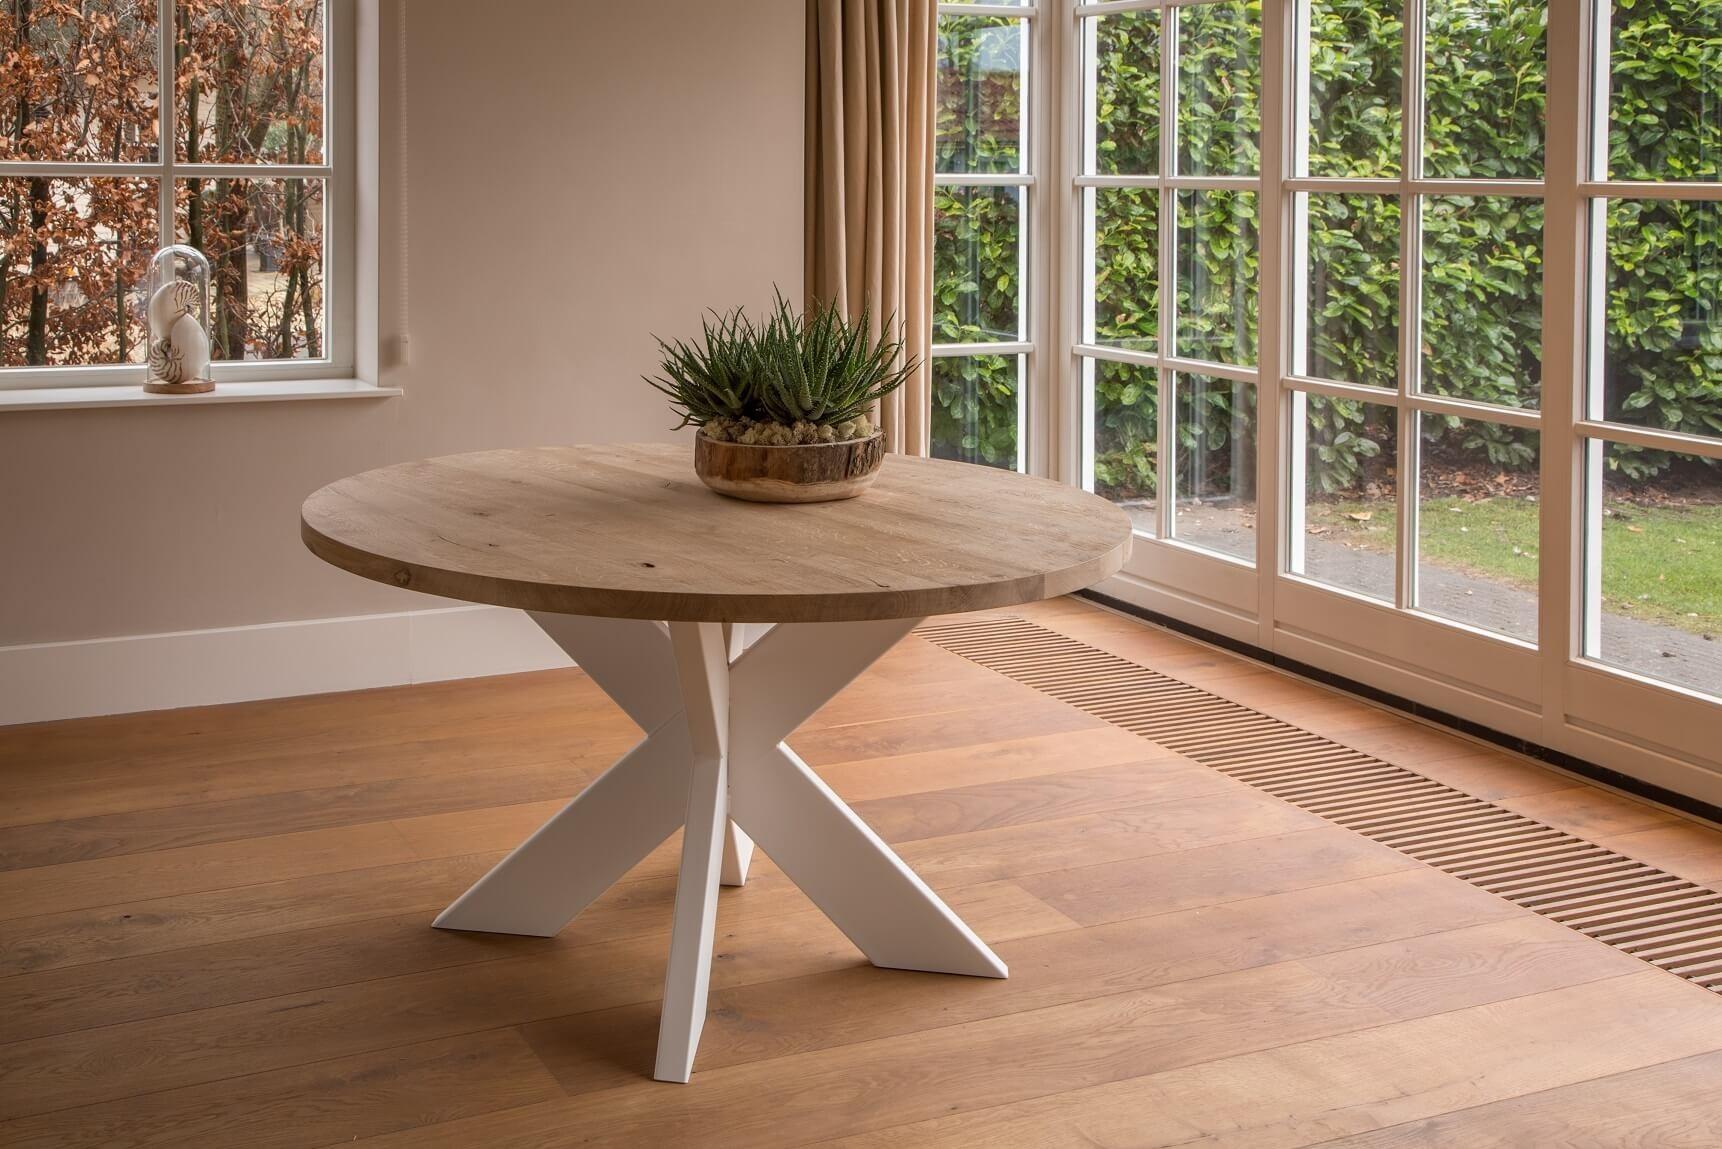 Uitzonderlijk Ronde industriële tafel Norwich White | Tafels99.be &VW37